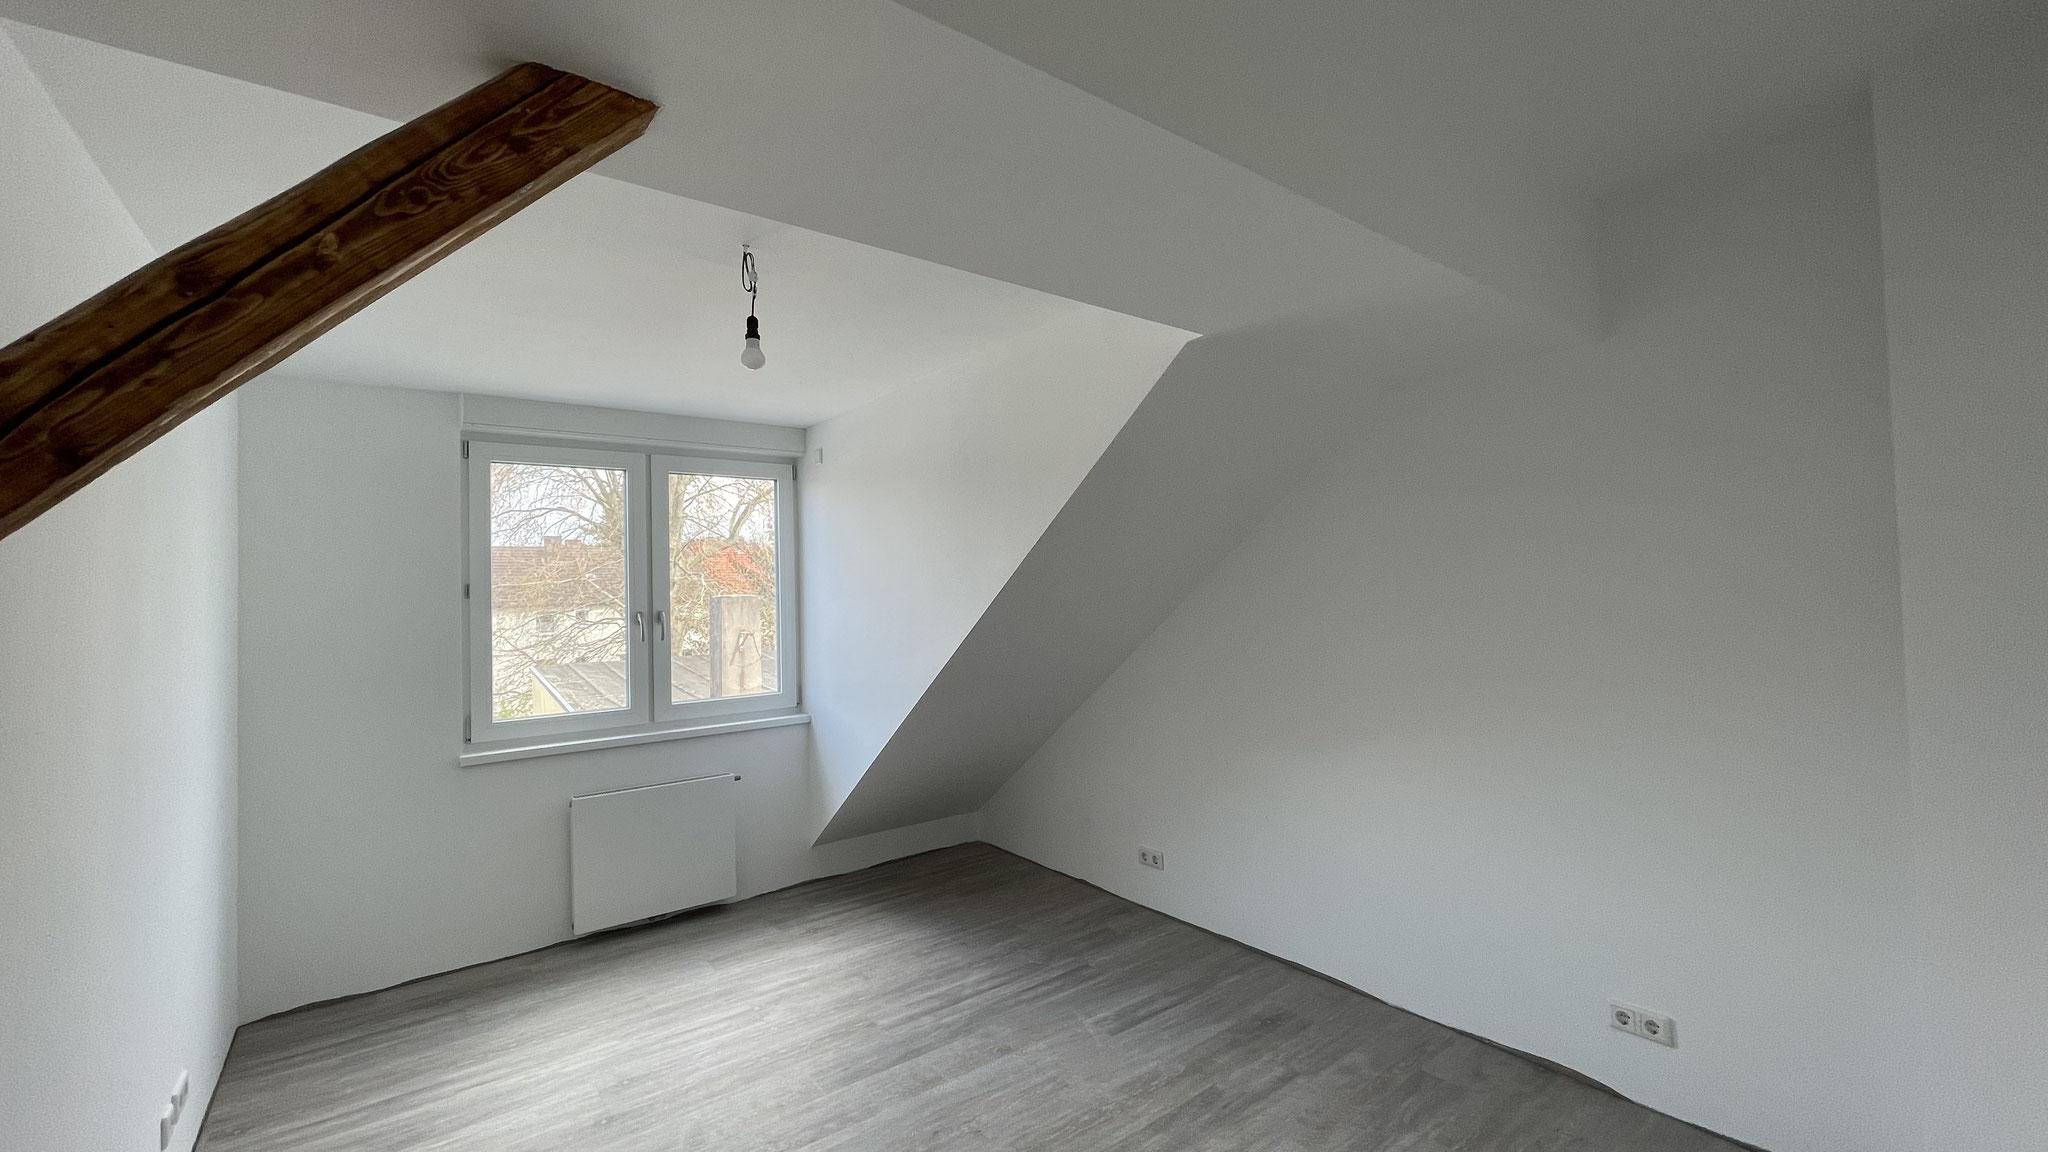 Die Innenansicht von einer Gaube mit verputzen Wänden